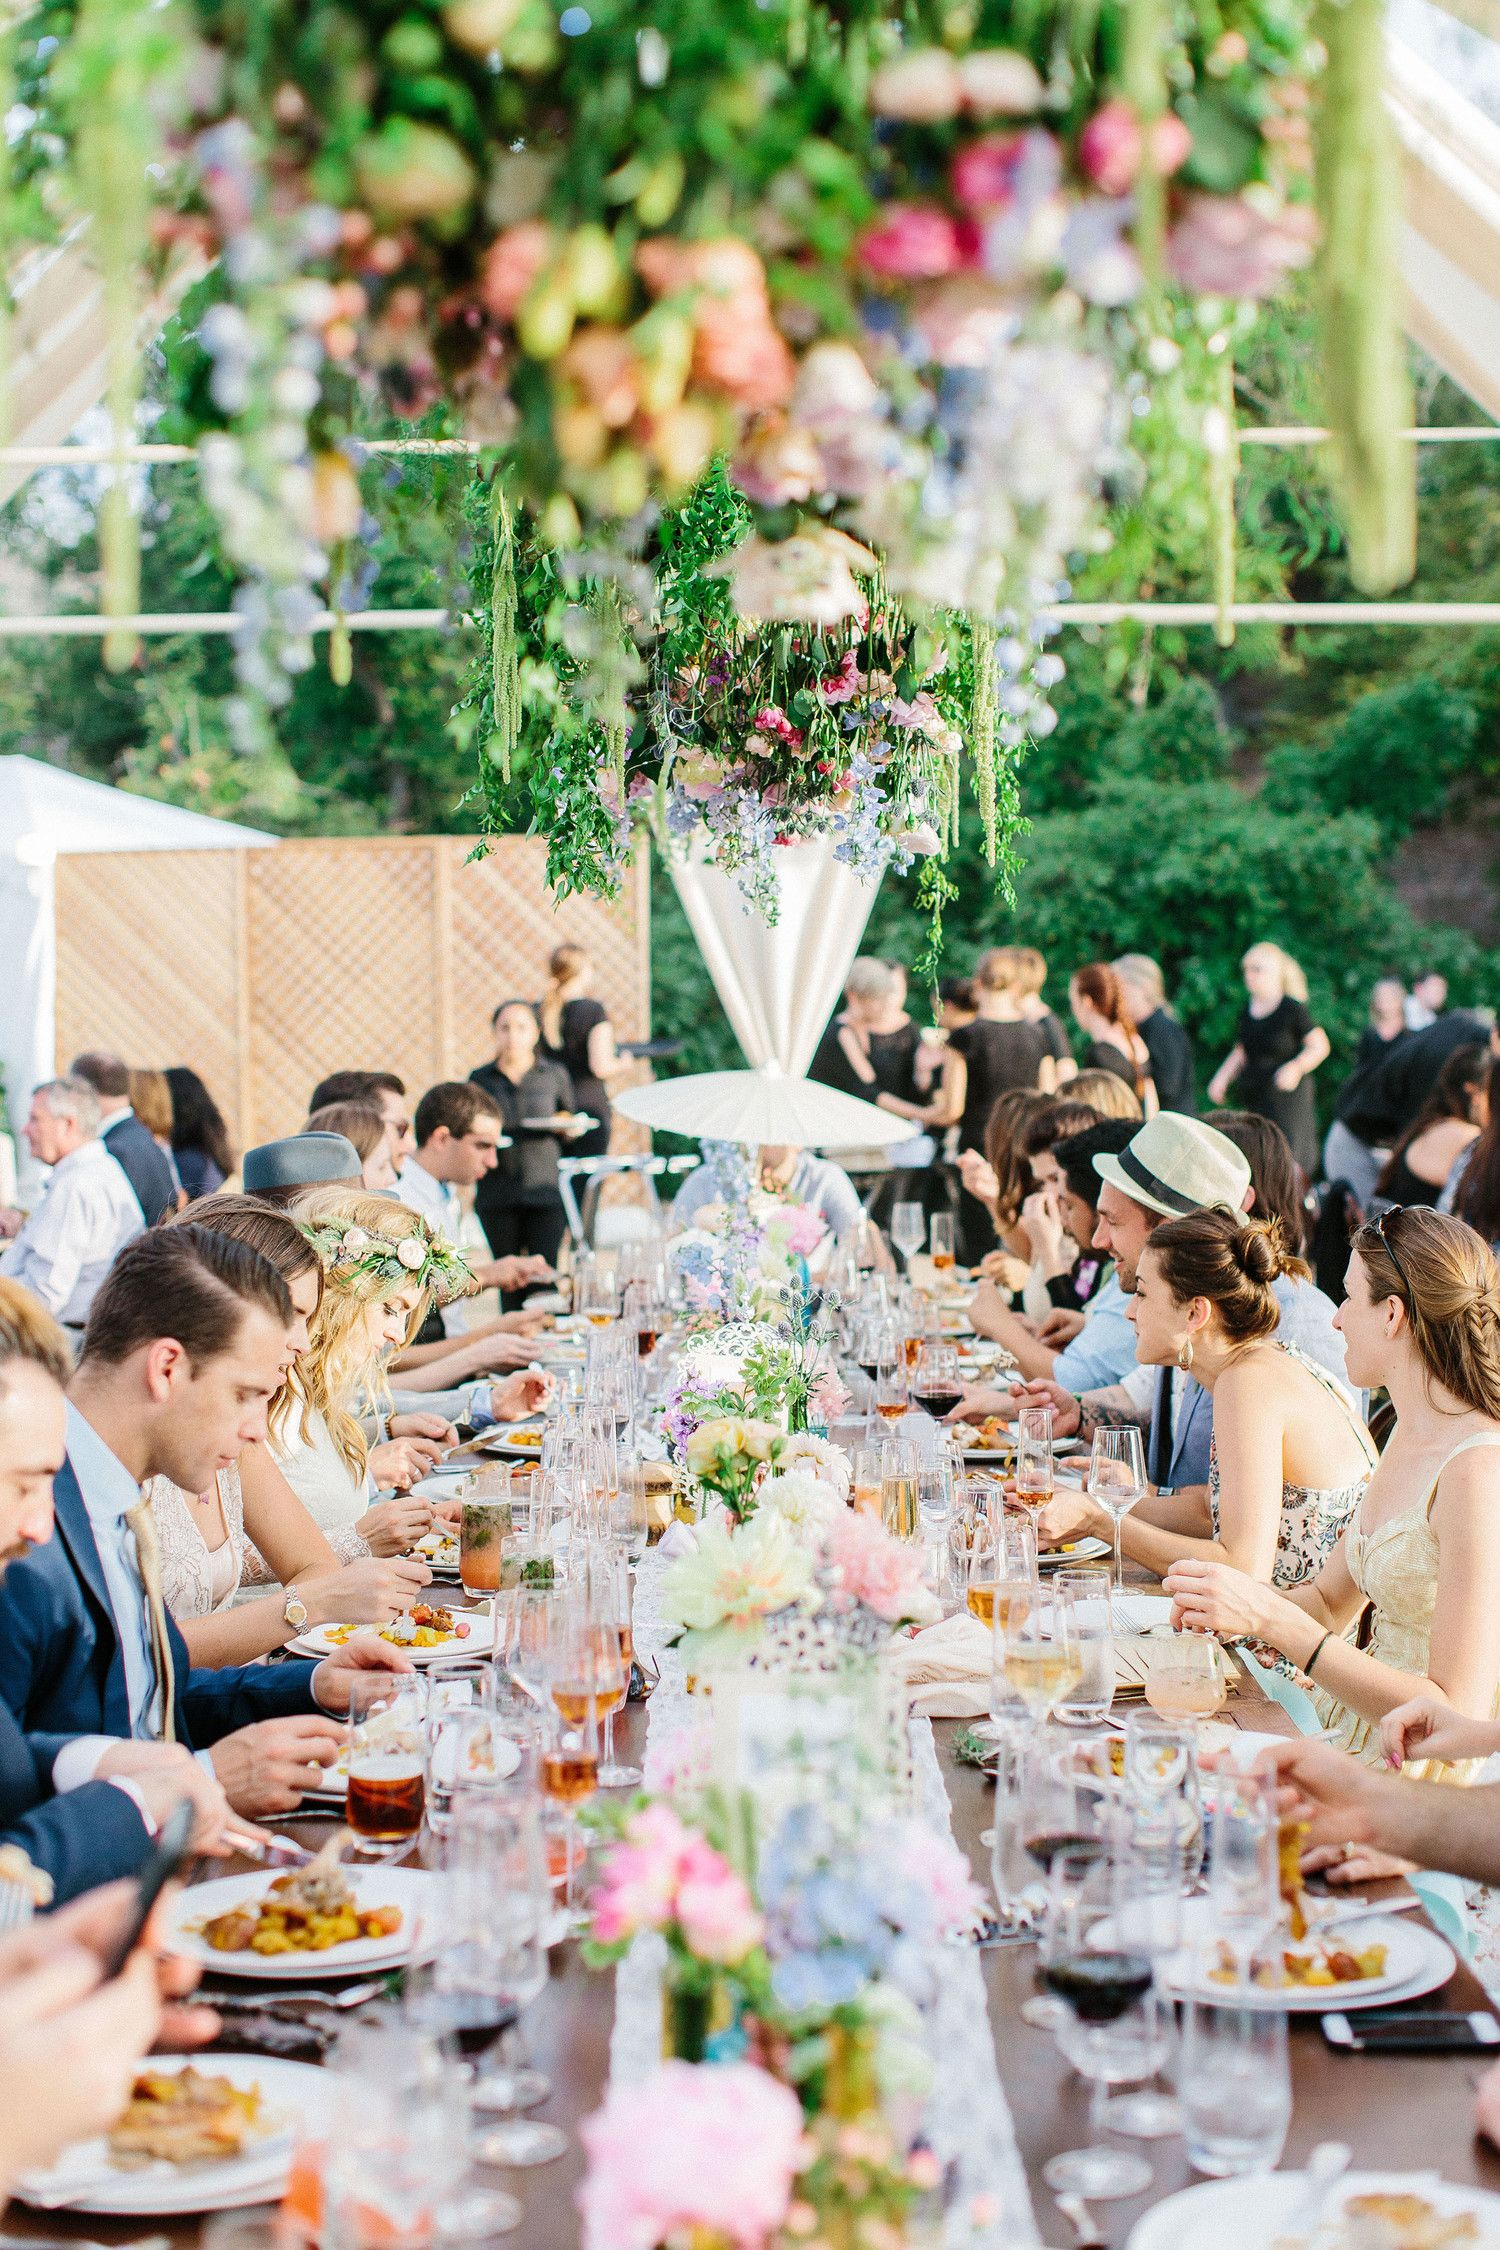 An Eclectic, Outdoor Wedding in the Escondido Mountains